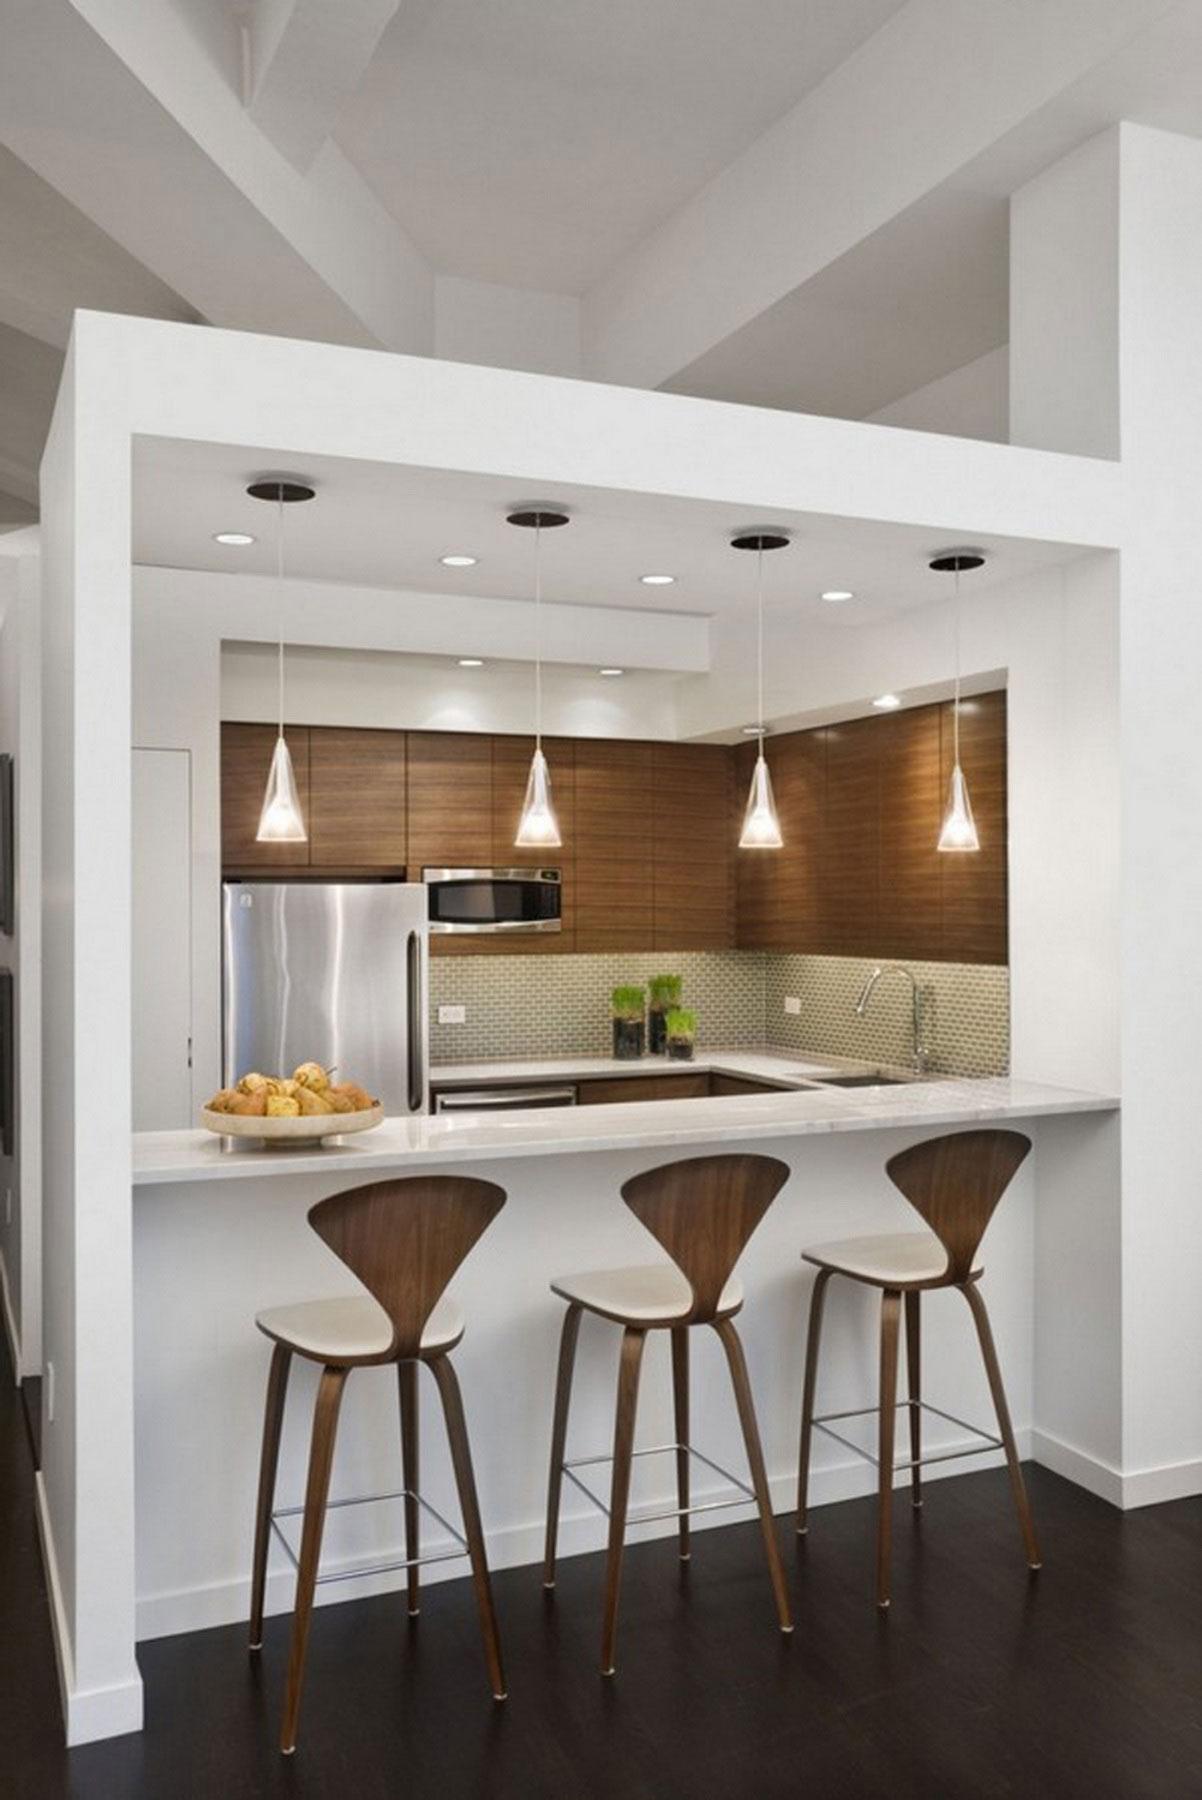 Kitchen Design Ideas South Africa kitchen designs south africa galleries